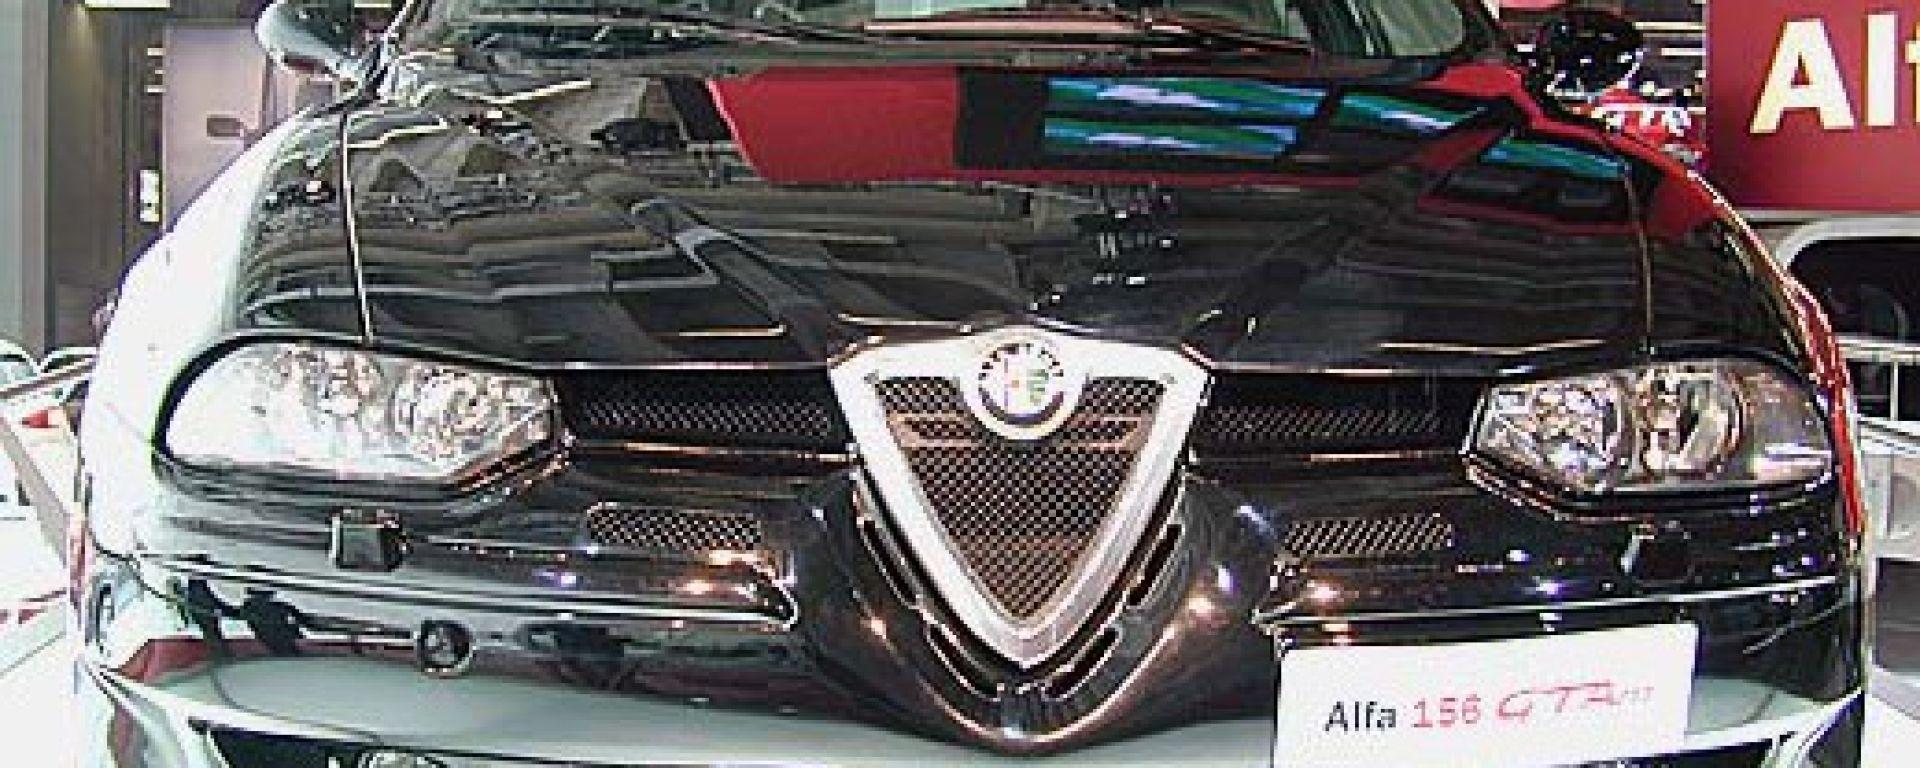 Alfa Romeo 156 GTAm